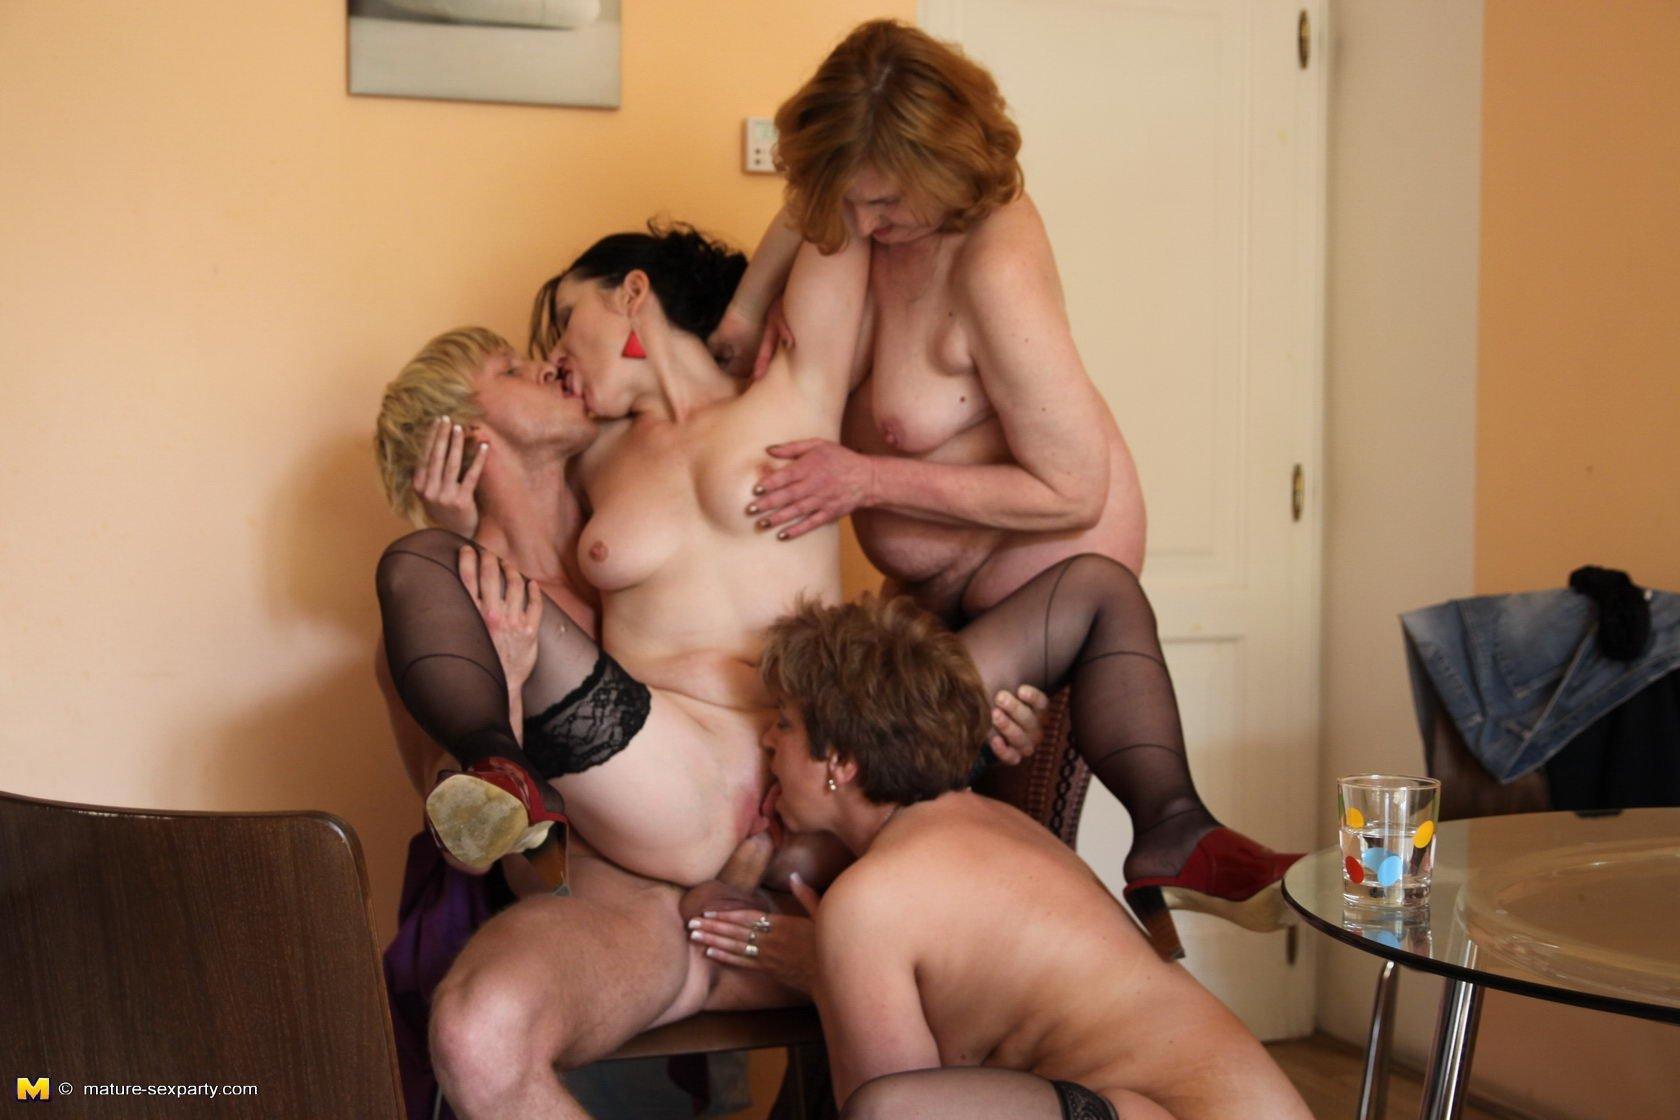 Русское порно с молодыми парнями и красивыми зрелыми женщинами, Зрелые женщины с молодыми парнями порно 13 фотография